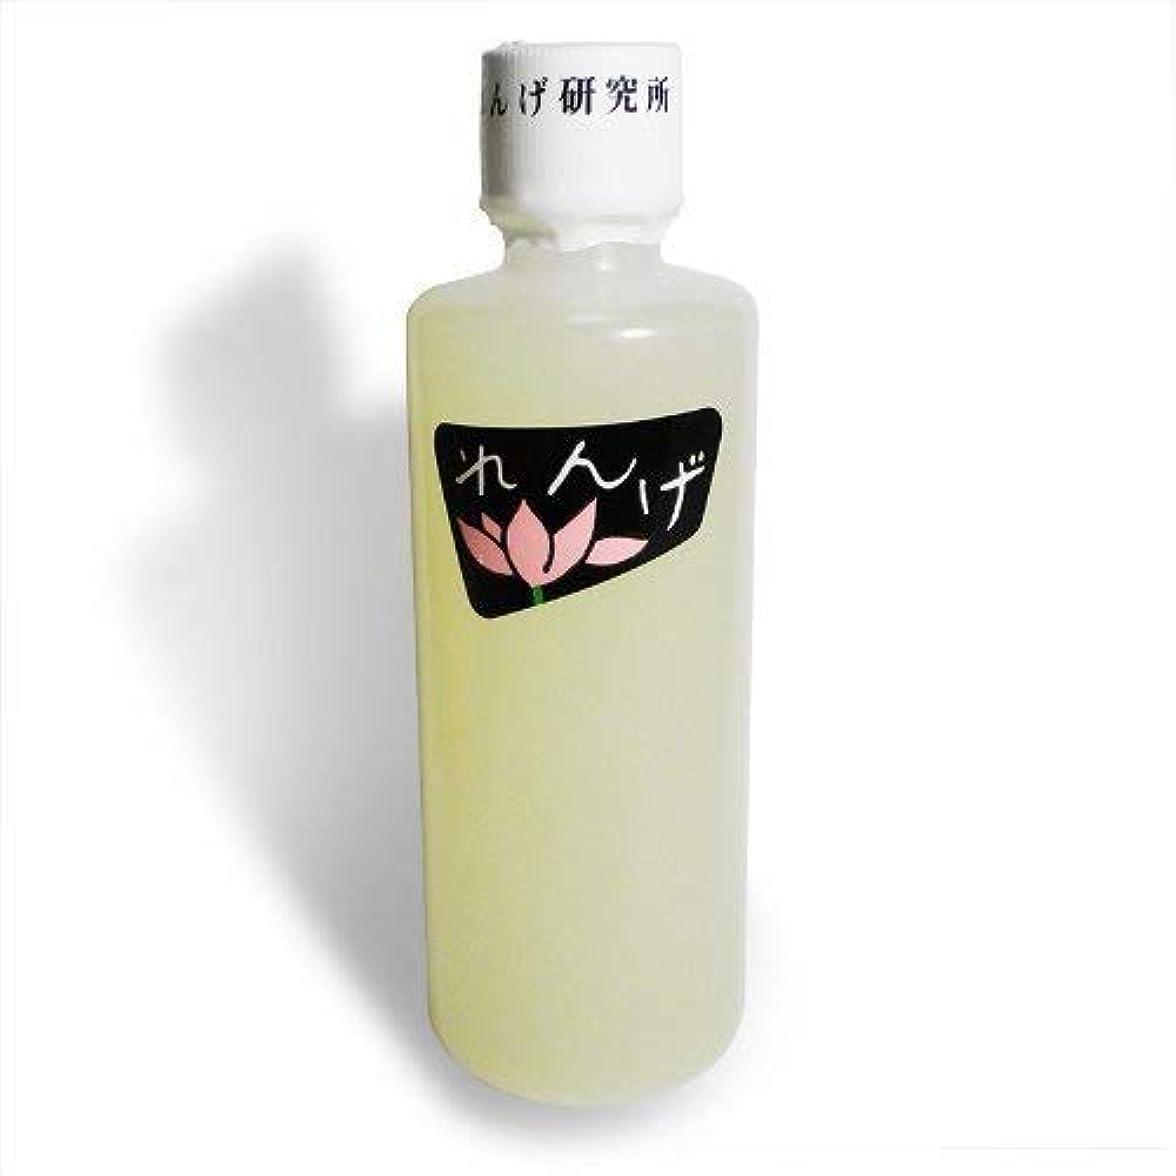 満州今内なるれんげ研究所 れんげ化粧水 140cc